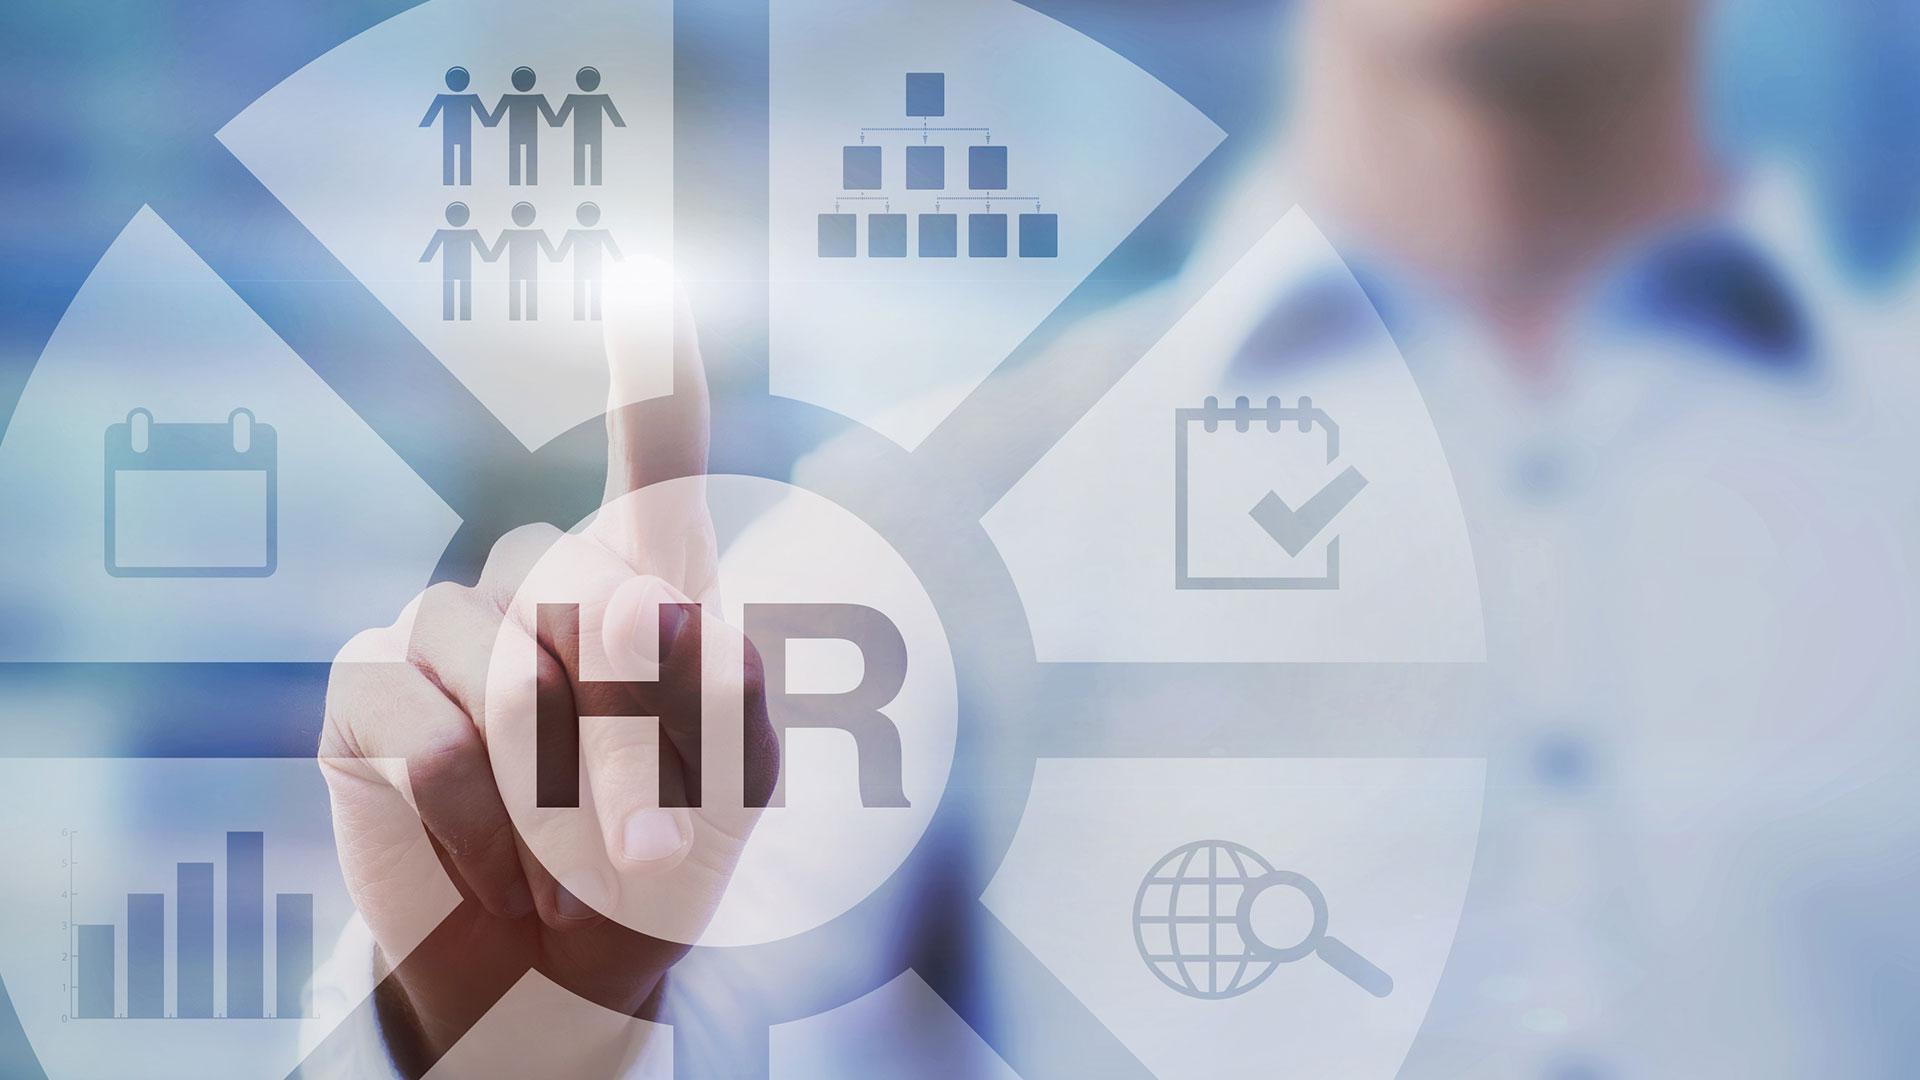 Почему компании стоит переходить на HRM-систему: очевидные преимущества